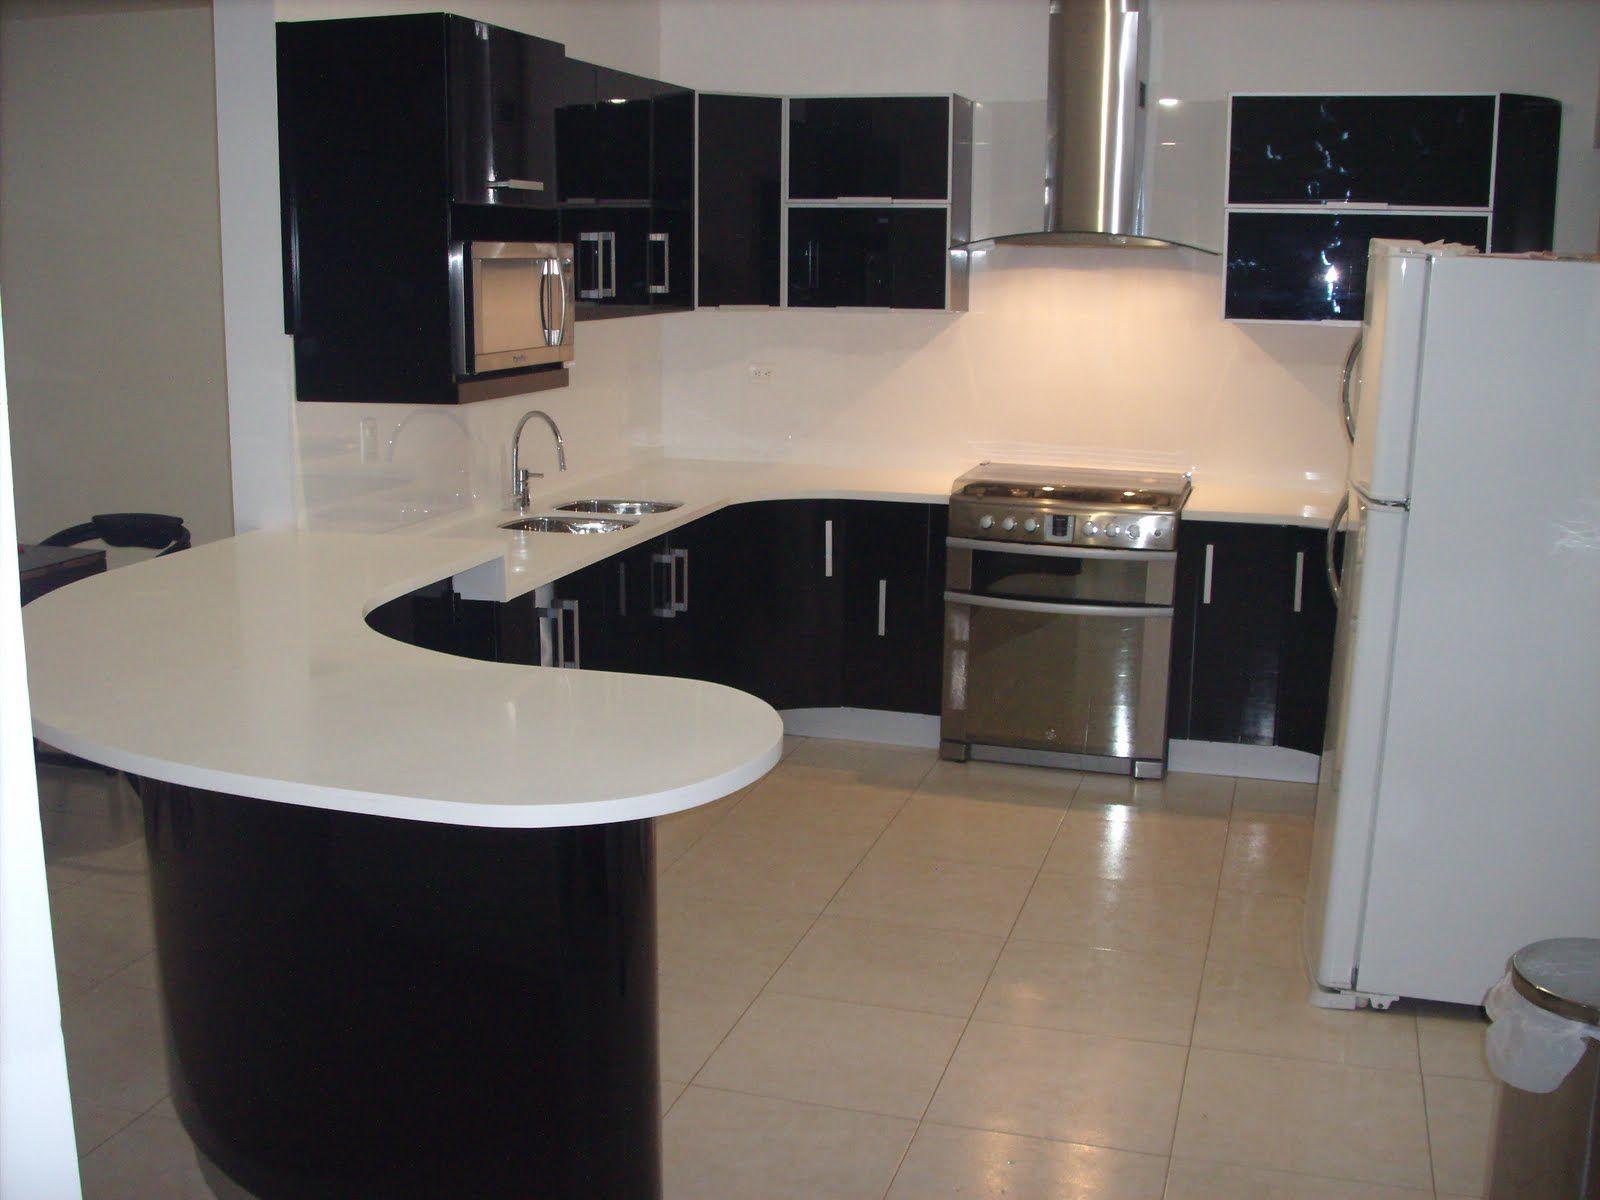 Dise os de muebles de cocinas de melamina modernos 4 for Muebles cocina melamina